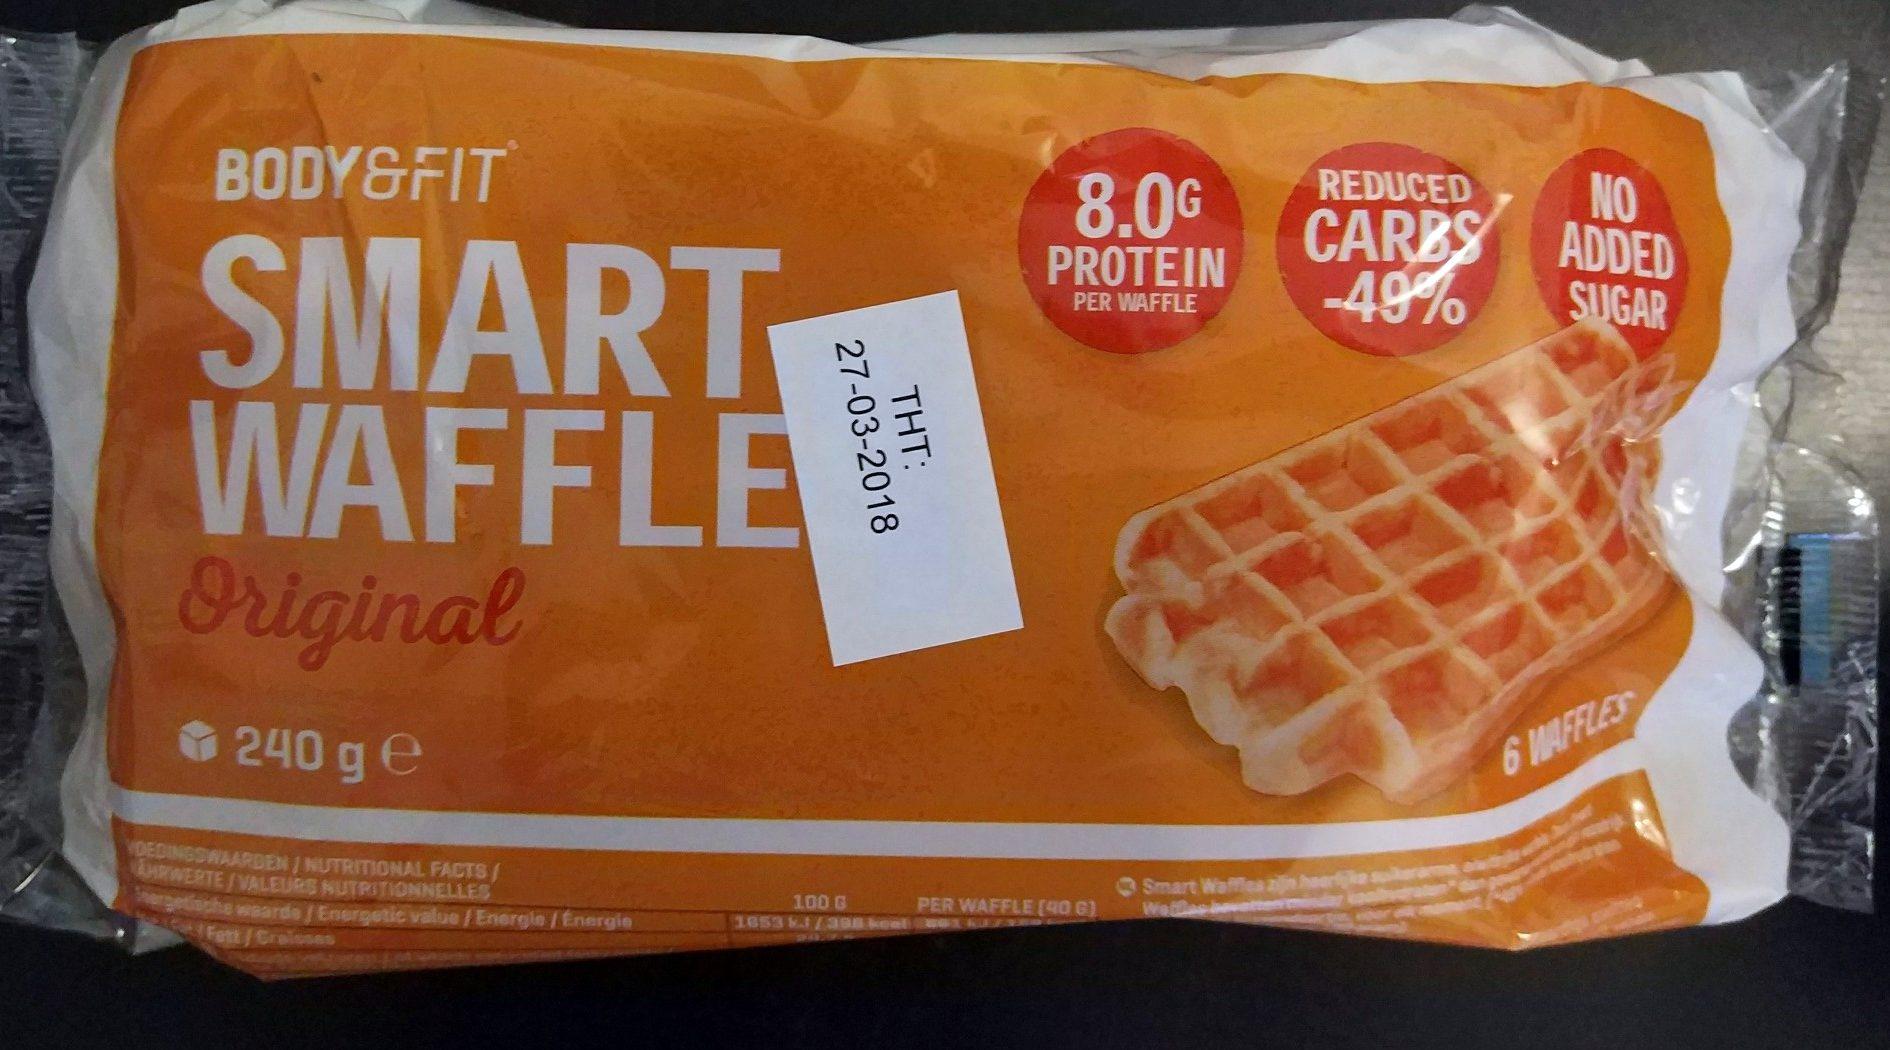 Smart Waffles, Original - Product - en